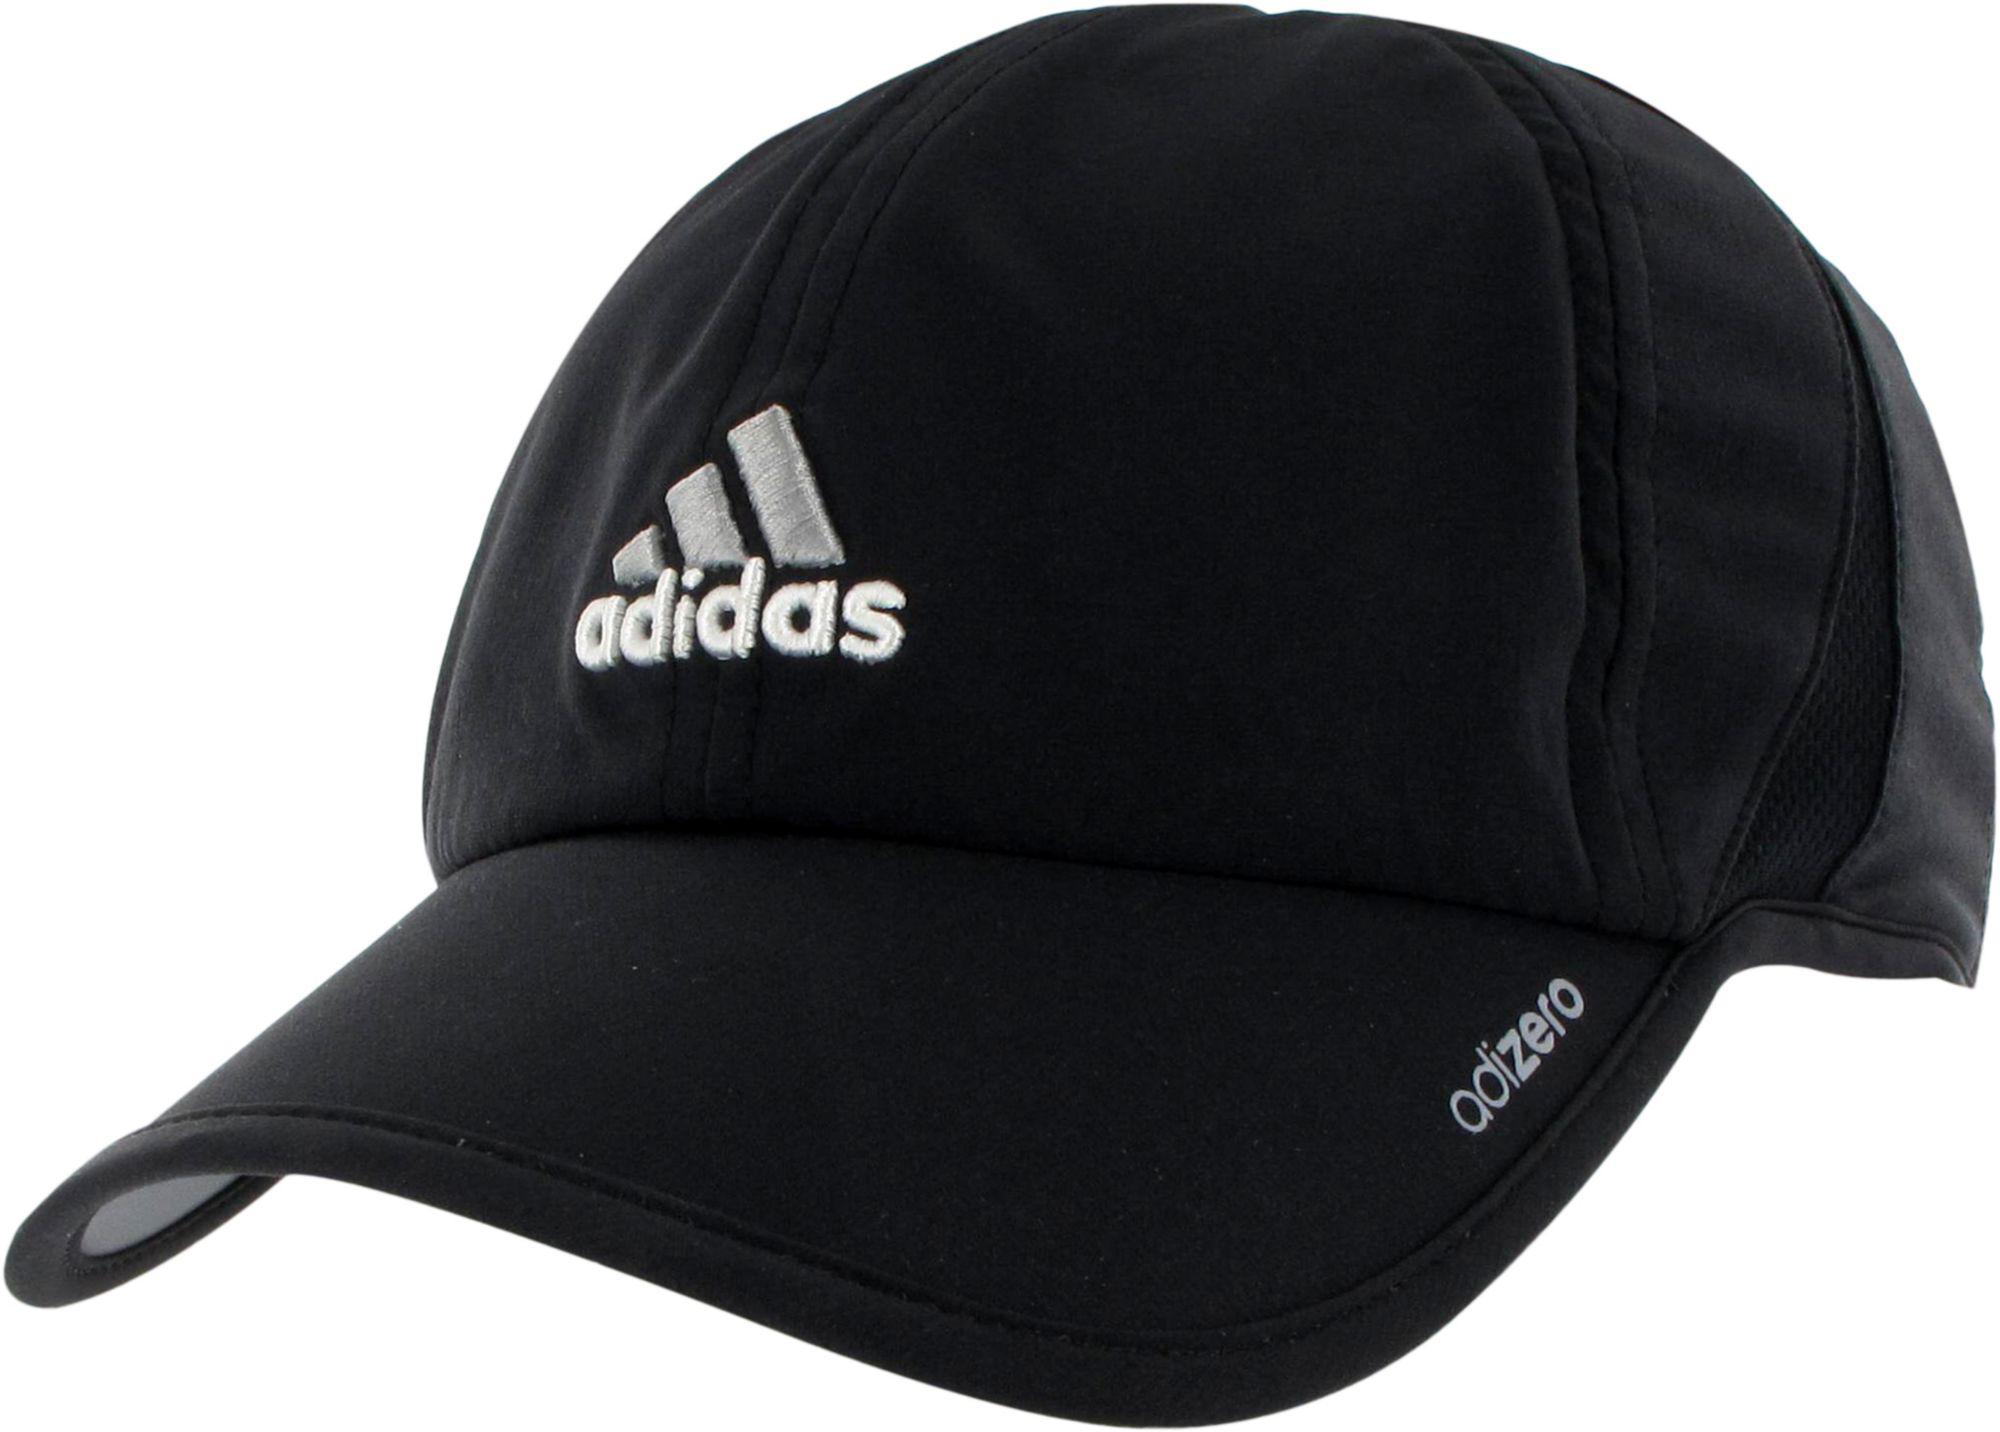 e37b311f6ef Lyst - Adidas Adizero Adjustable Cap in Black for Men